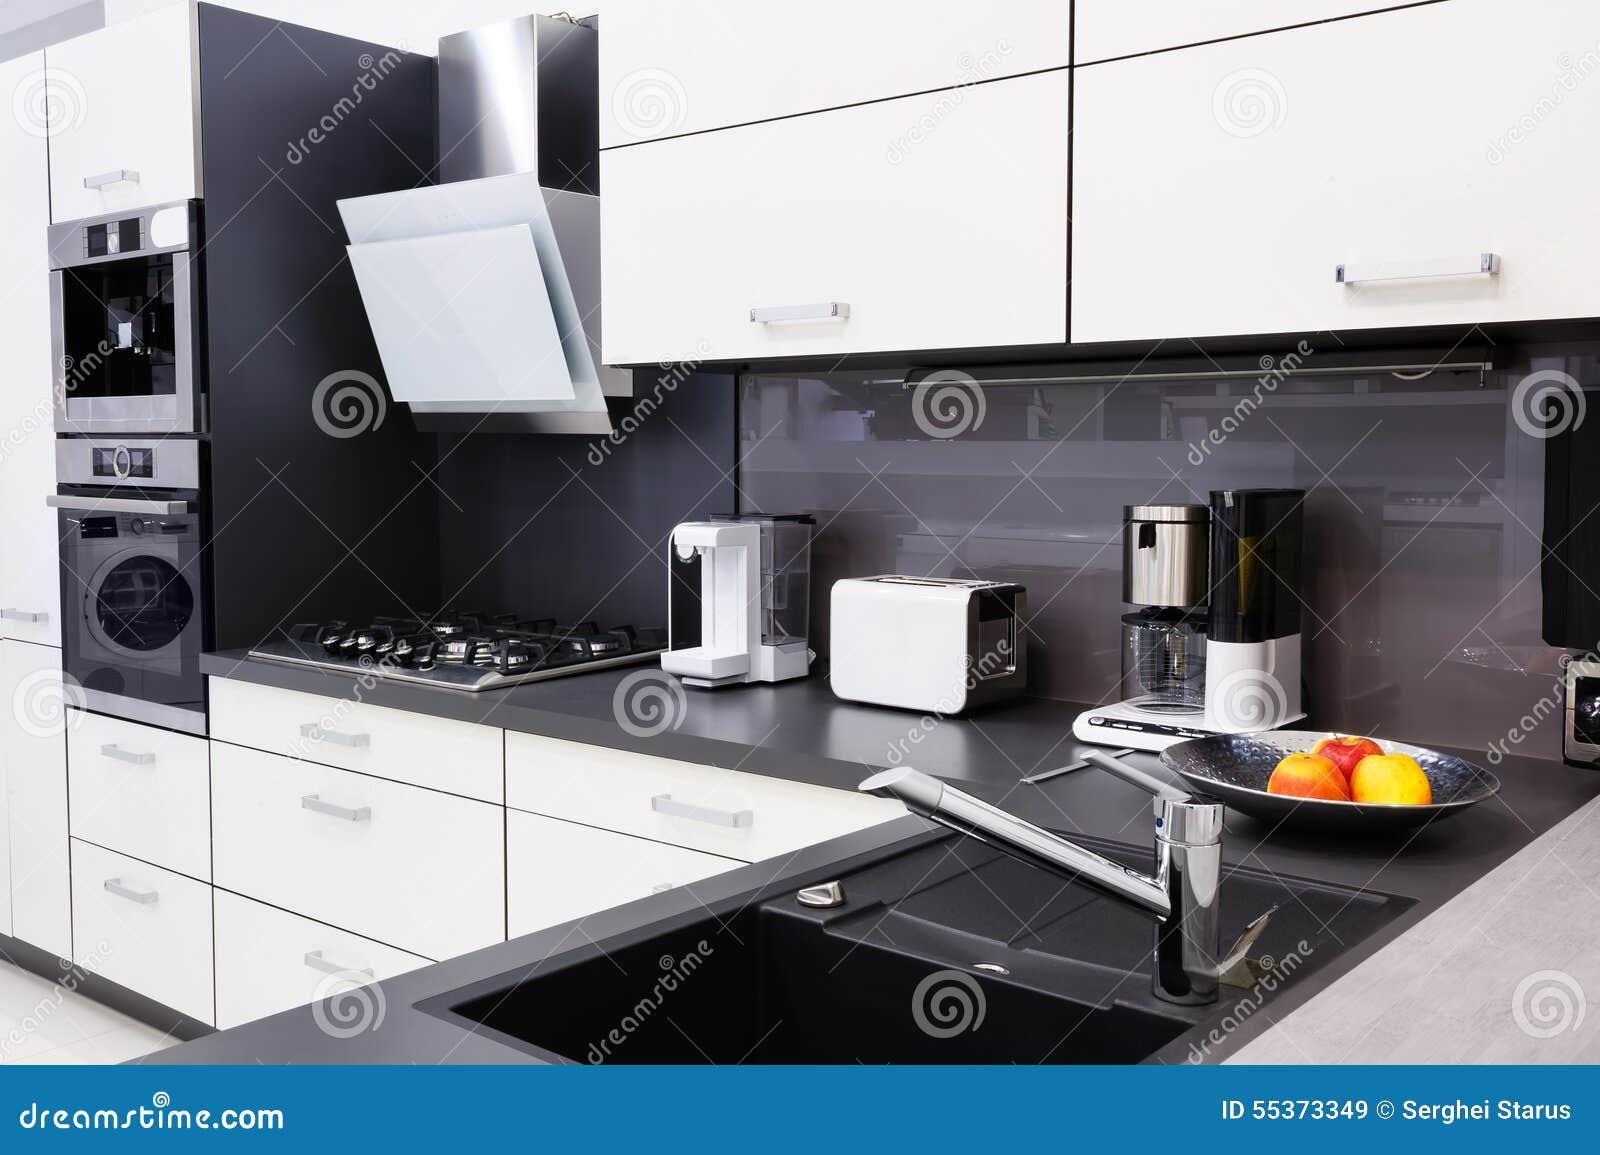 Salut tek cuisine moderne conception int rieure propre - Tek cuisines crissier ...